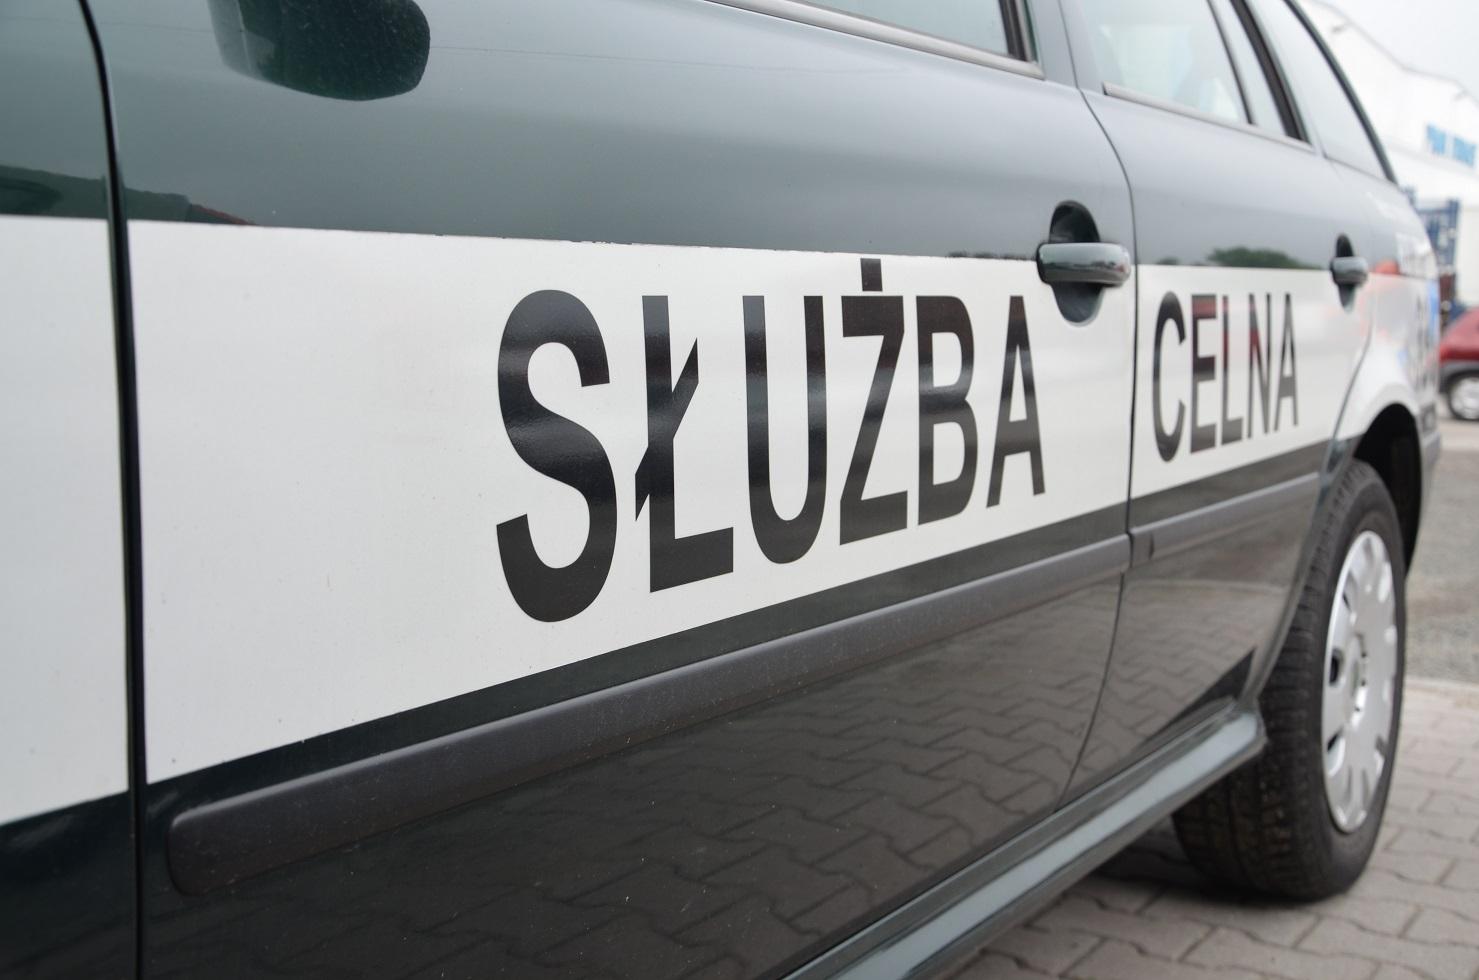 Polska z zaniepokojeniem przyjęła decyzję władz Belgii o wydaniu wizy wjazdowej wpisanej do Systemu Informacyjnego Schengen Ludmile Kozłowskiej - poinformowało Ministerstwo Spraw Zagranicznych